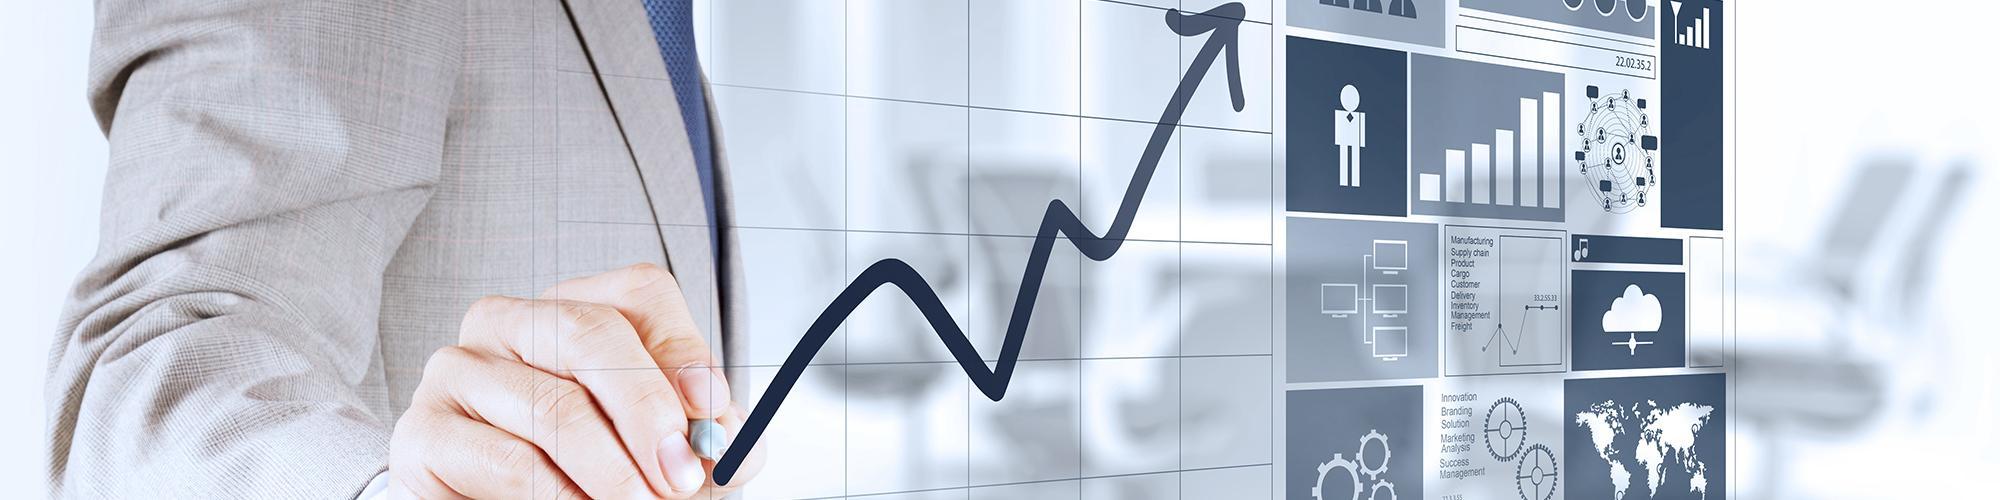 GWF Gesellschaft für Wirtschafts- und Finanzberatung mbH